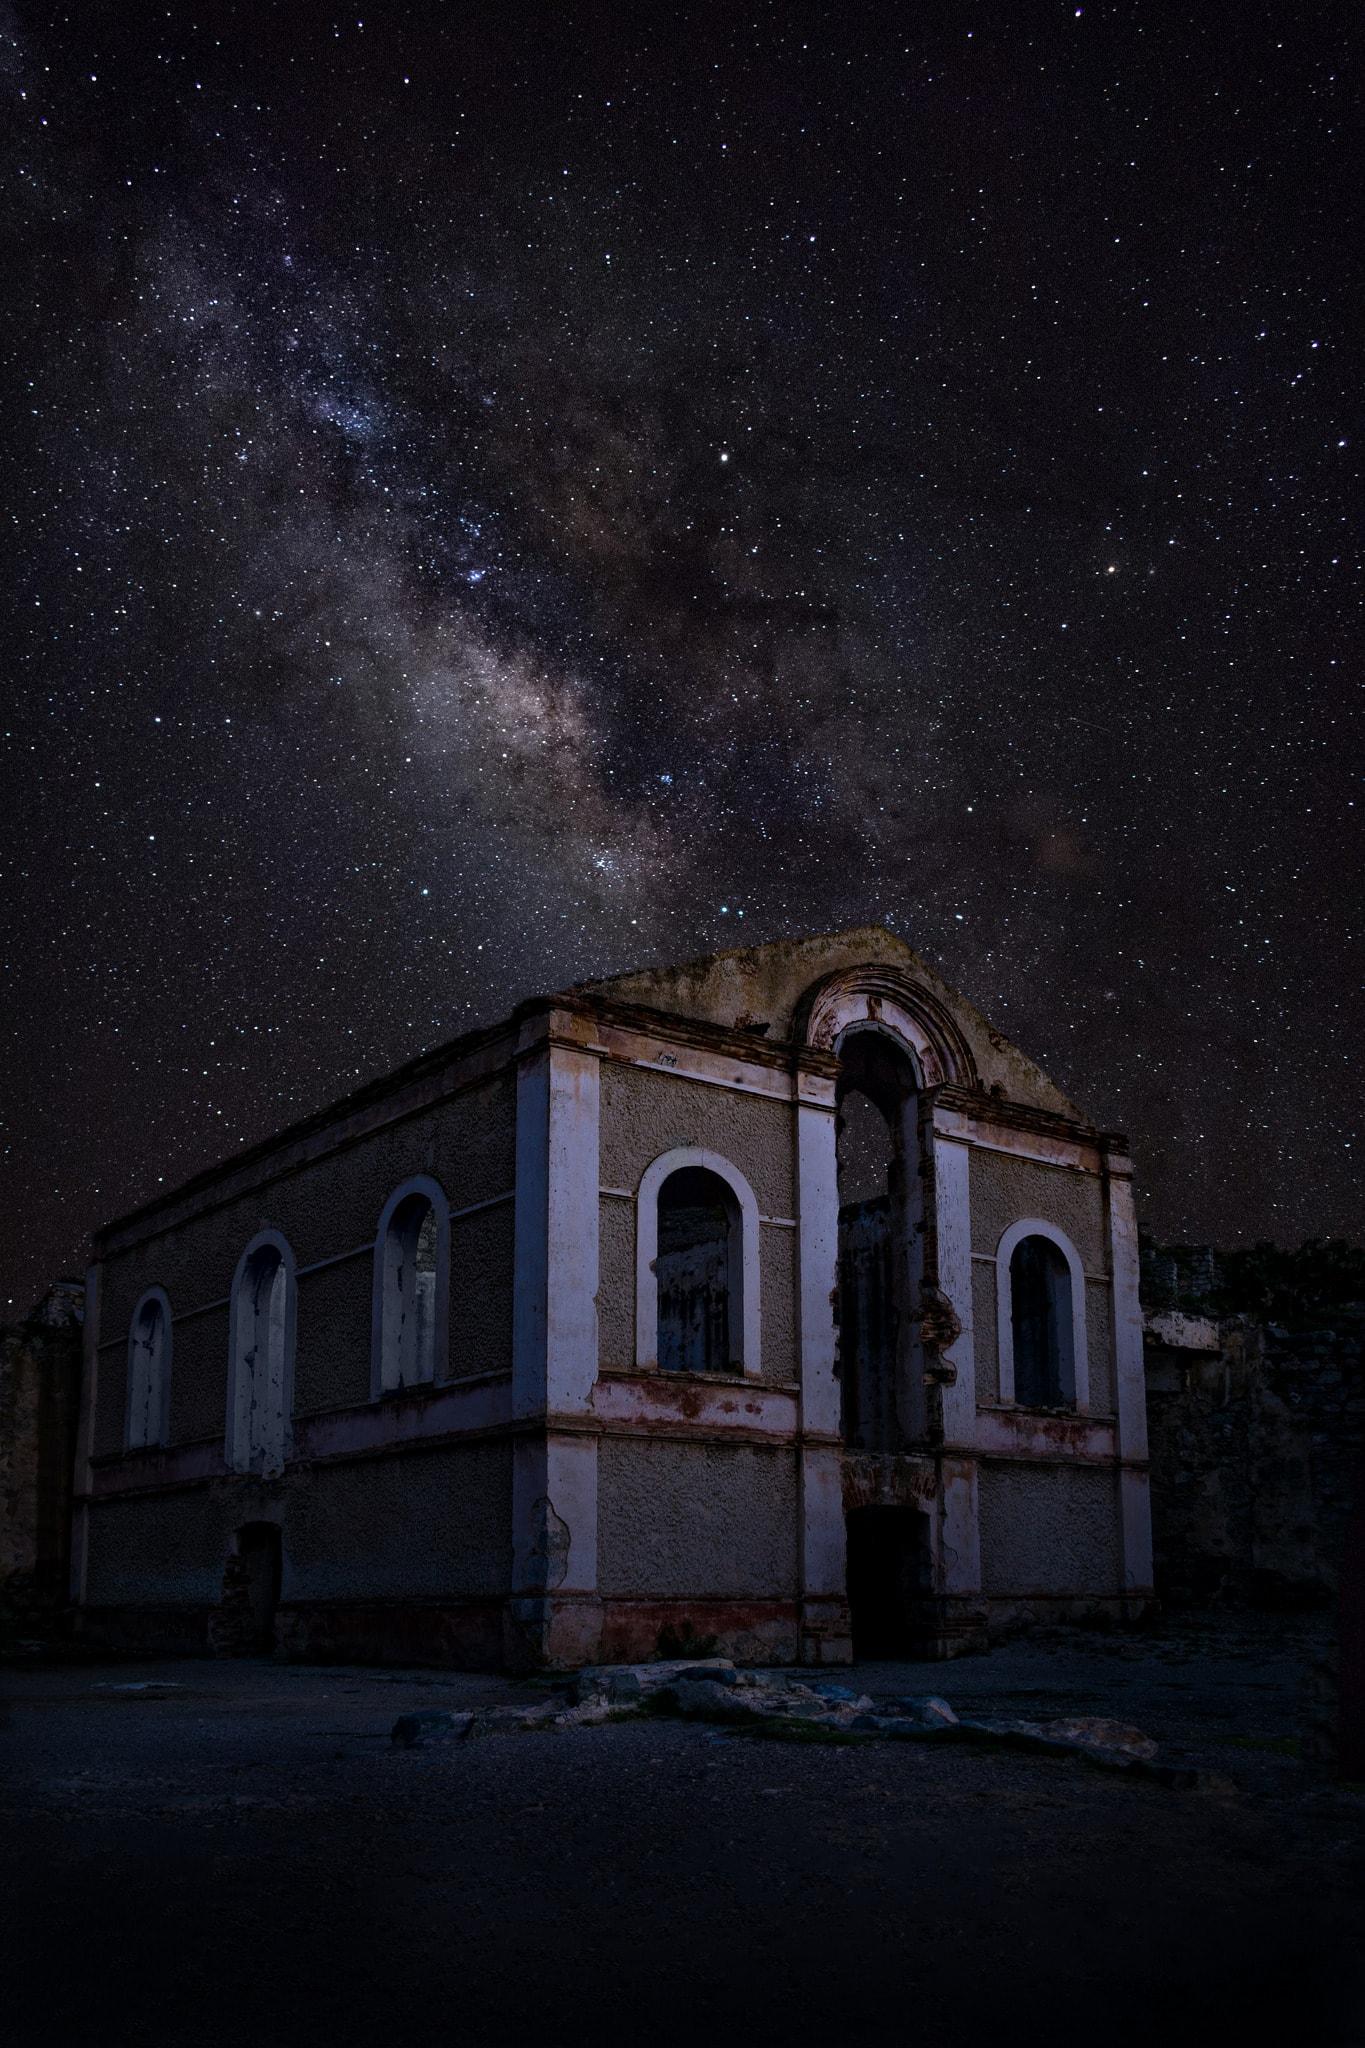 fotografía nocturna edificio con estrellas